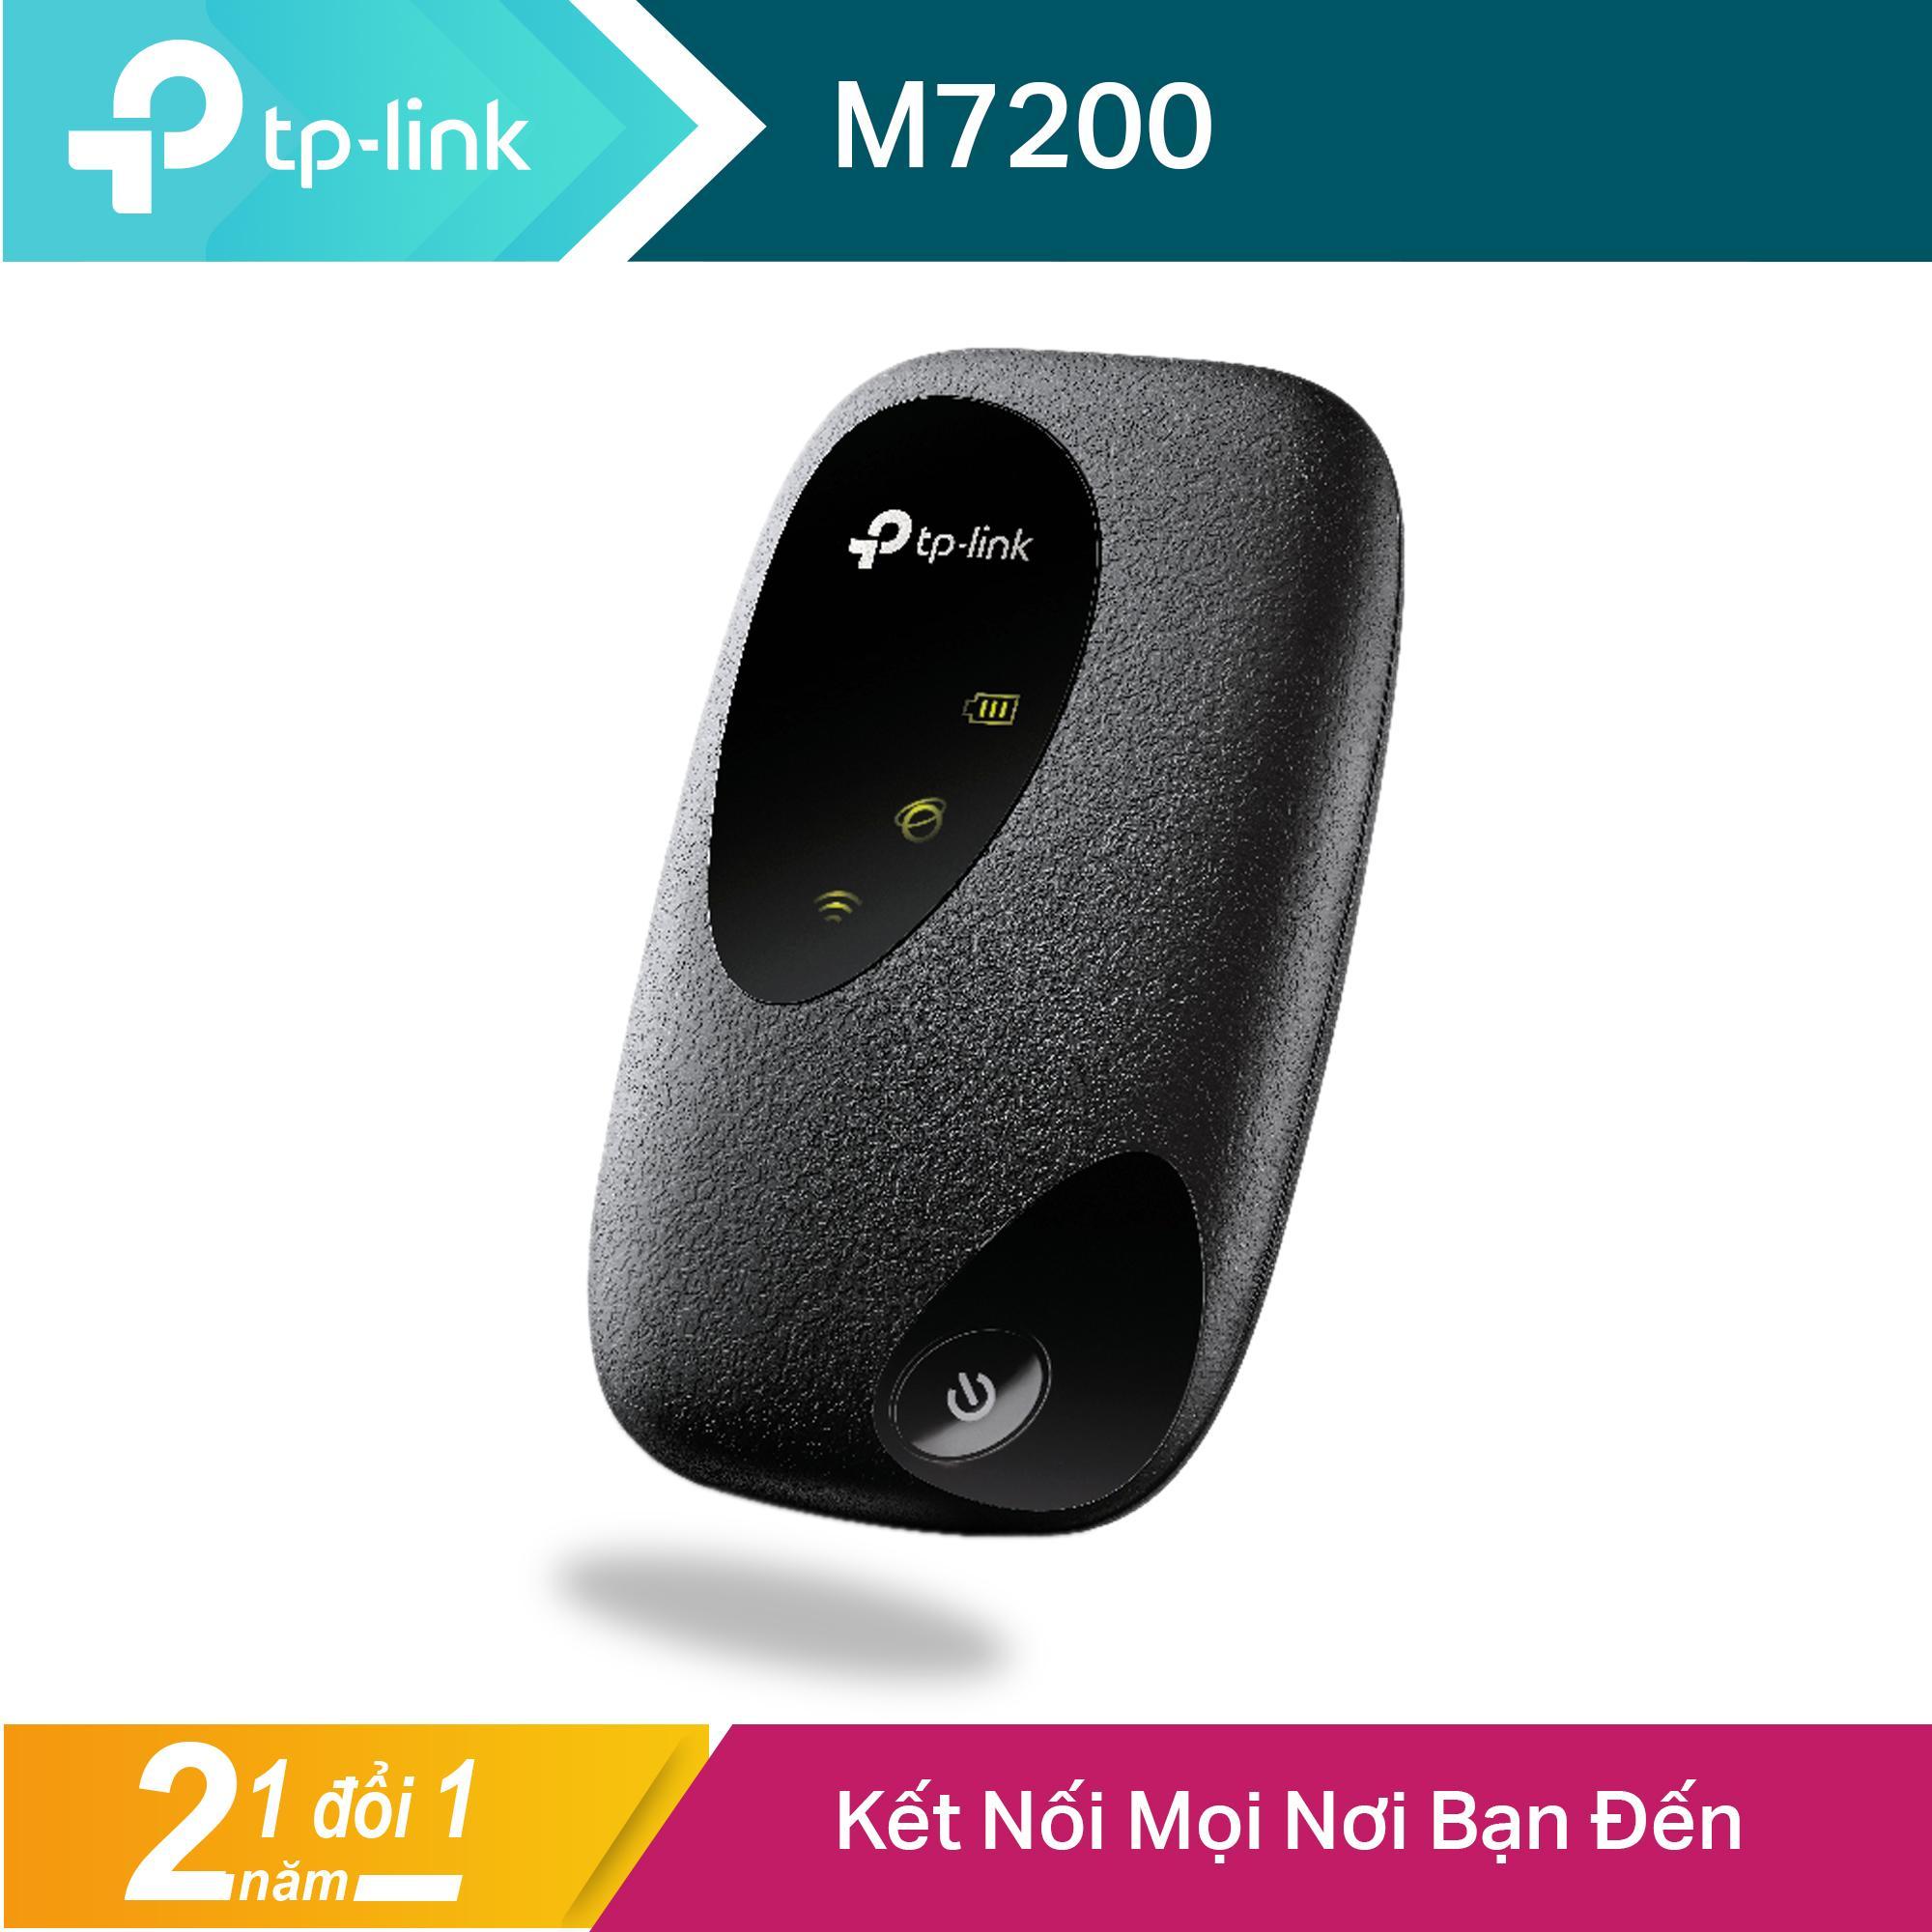 TP-Link Bộ phát wifi di động 4G LTE (Thiết bị phát wifi) Cho kết nối Wifi mọi nơi M7200 -...